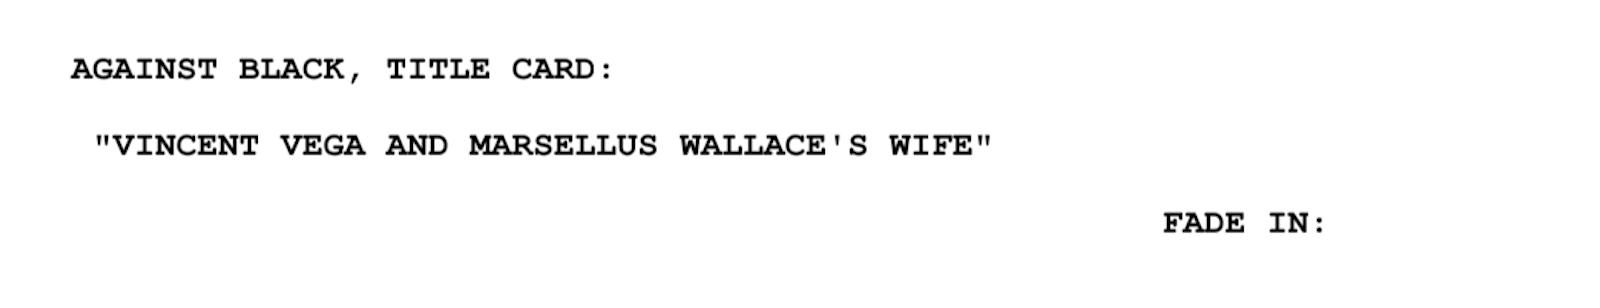 Screenplay Examples - Pulp Fiction Script - Screenplay Snippet 3 - Vincent Vega